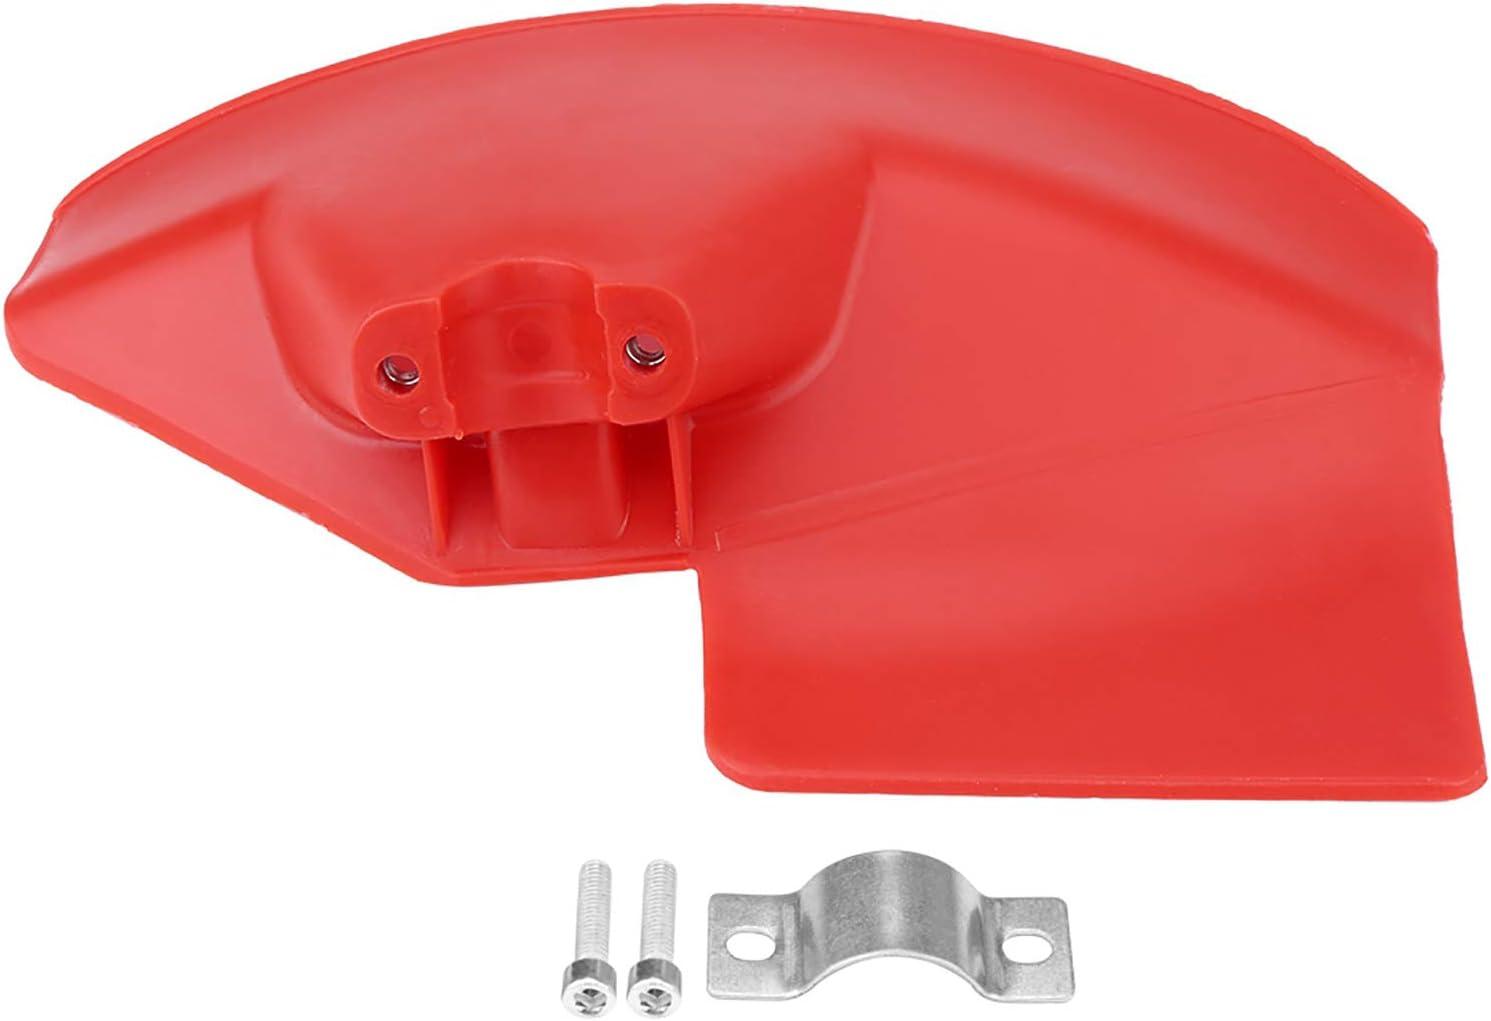 Teror Desbrozadora de protección, Protector de protección de desbrozadora de 1 Pieza para 24 26 28 mm de diámetro. Cortador de Cepillo Cortador de Eje